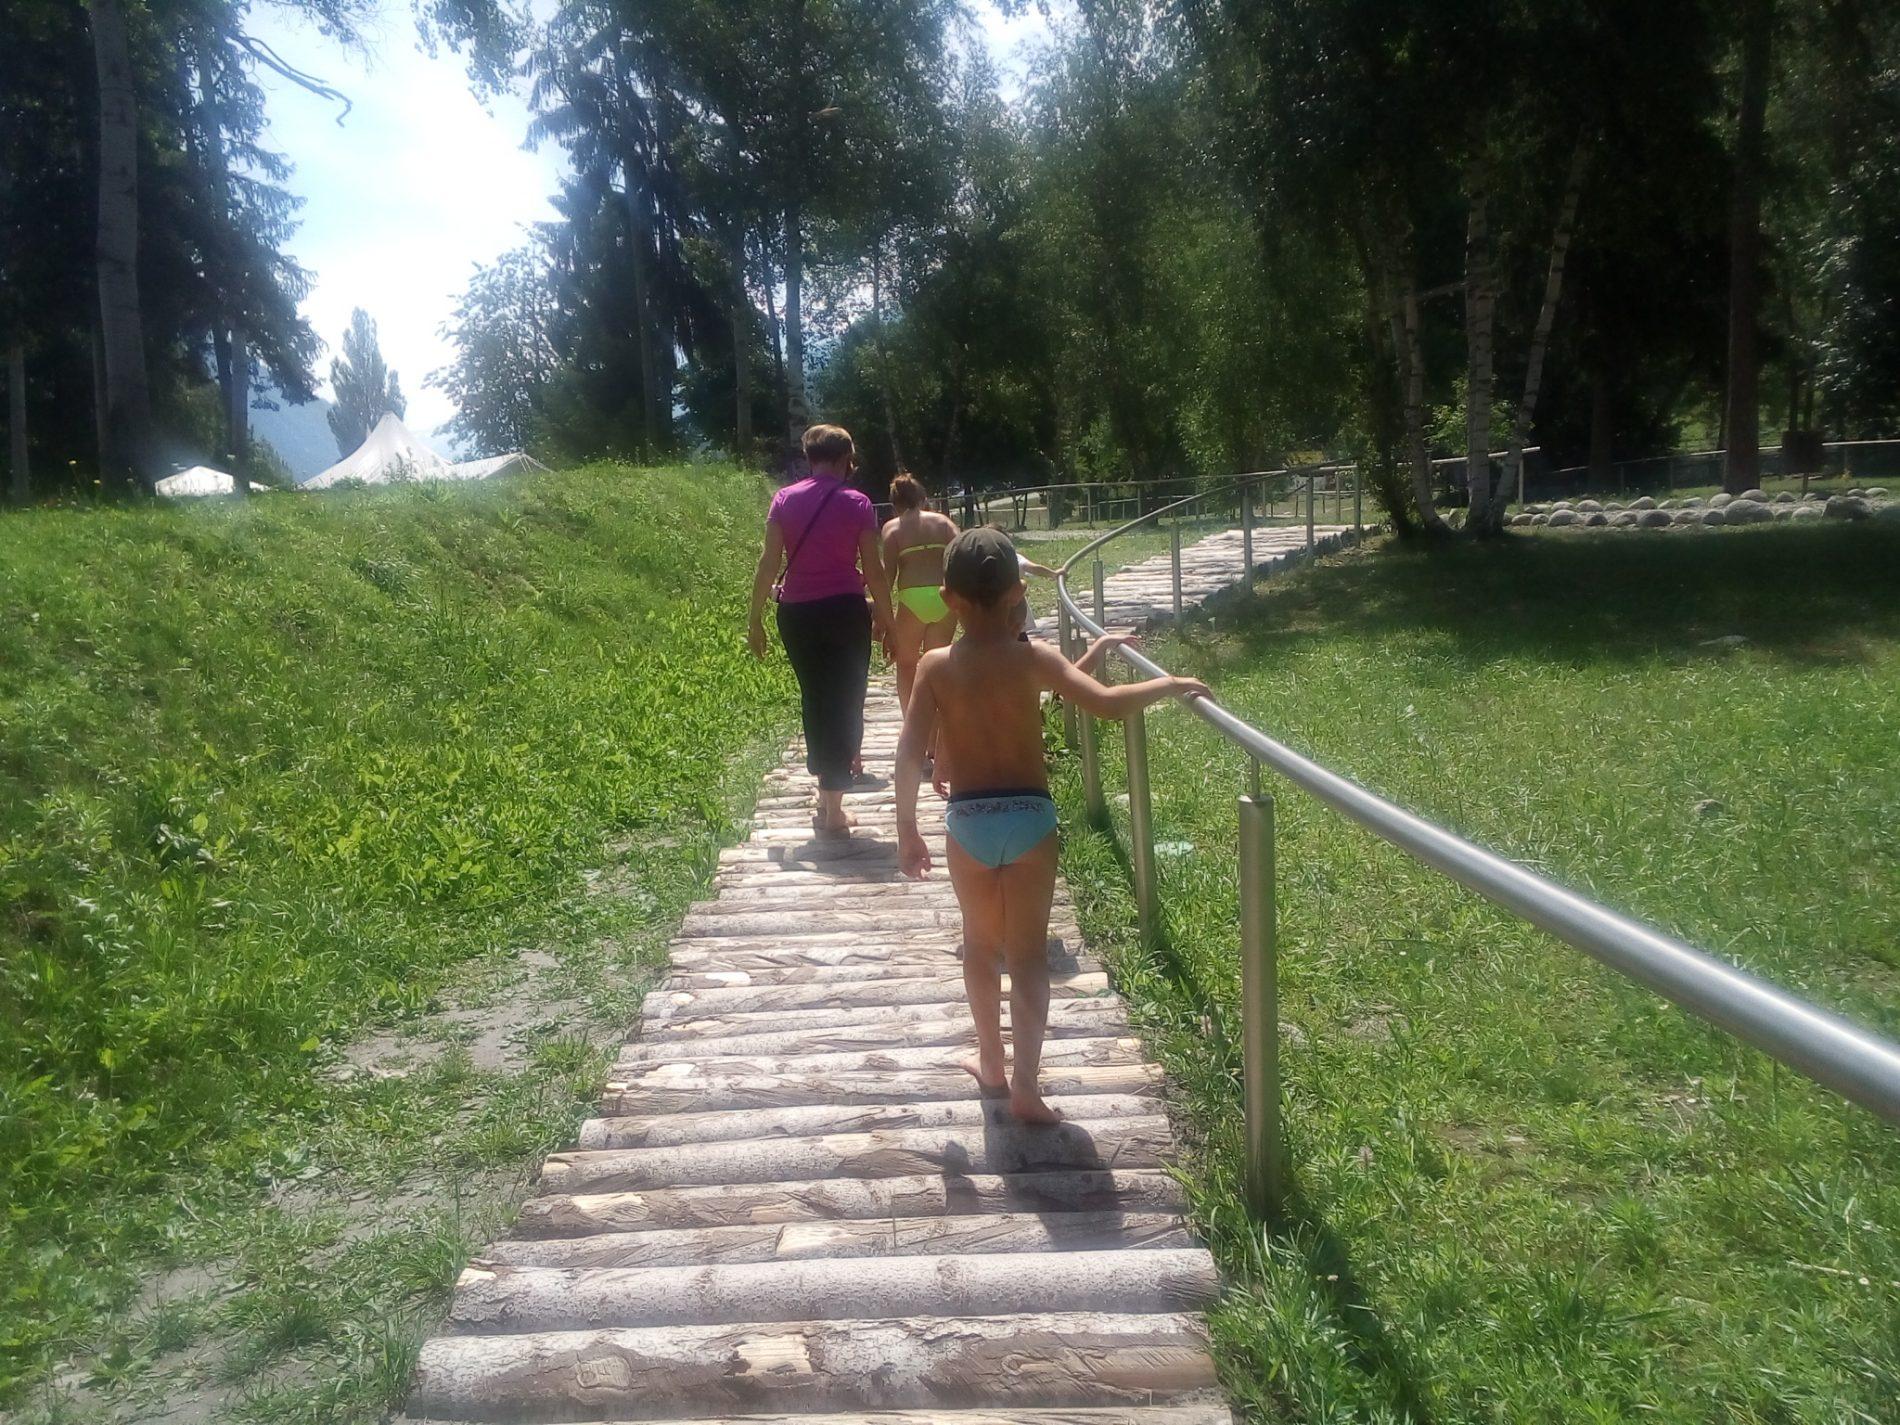 """Val D'Aosta: a piedi nudi nel parco sensoriale. E' il primo percorso di """"barefooting"""""""